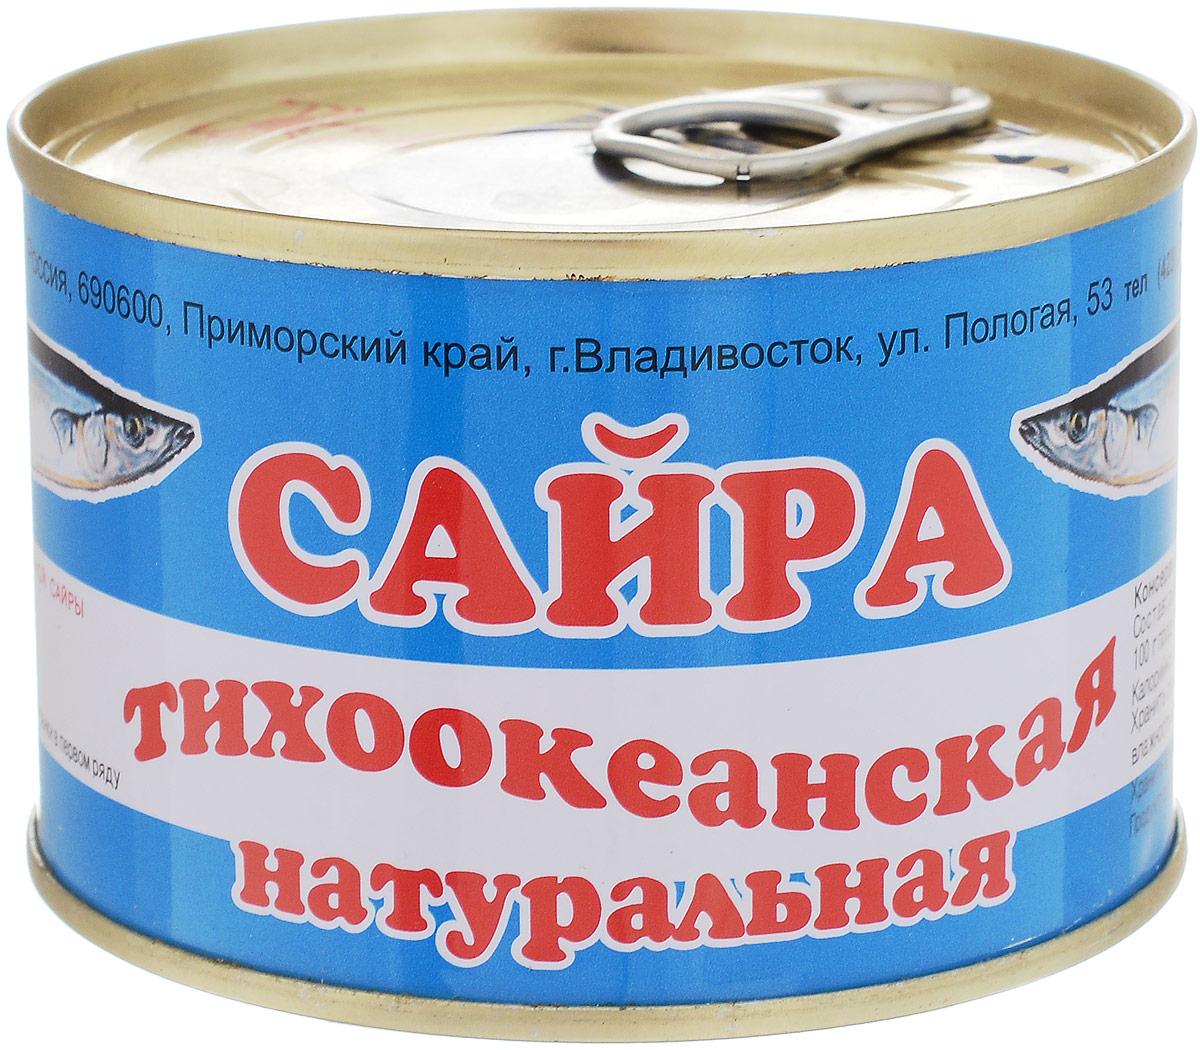 Дальморепродукт сайра натуральная с добавлением масла, 245 г сайра натуральная каждый день 240г